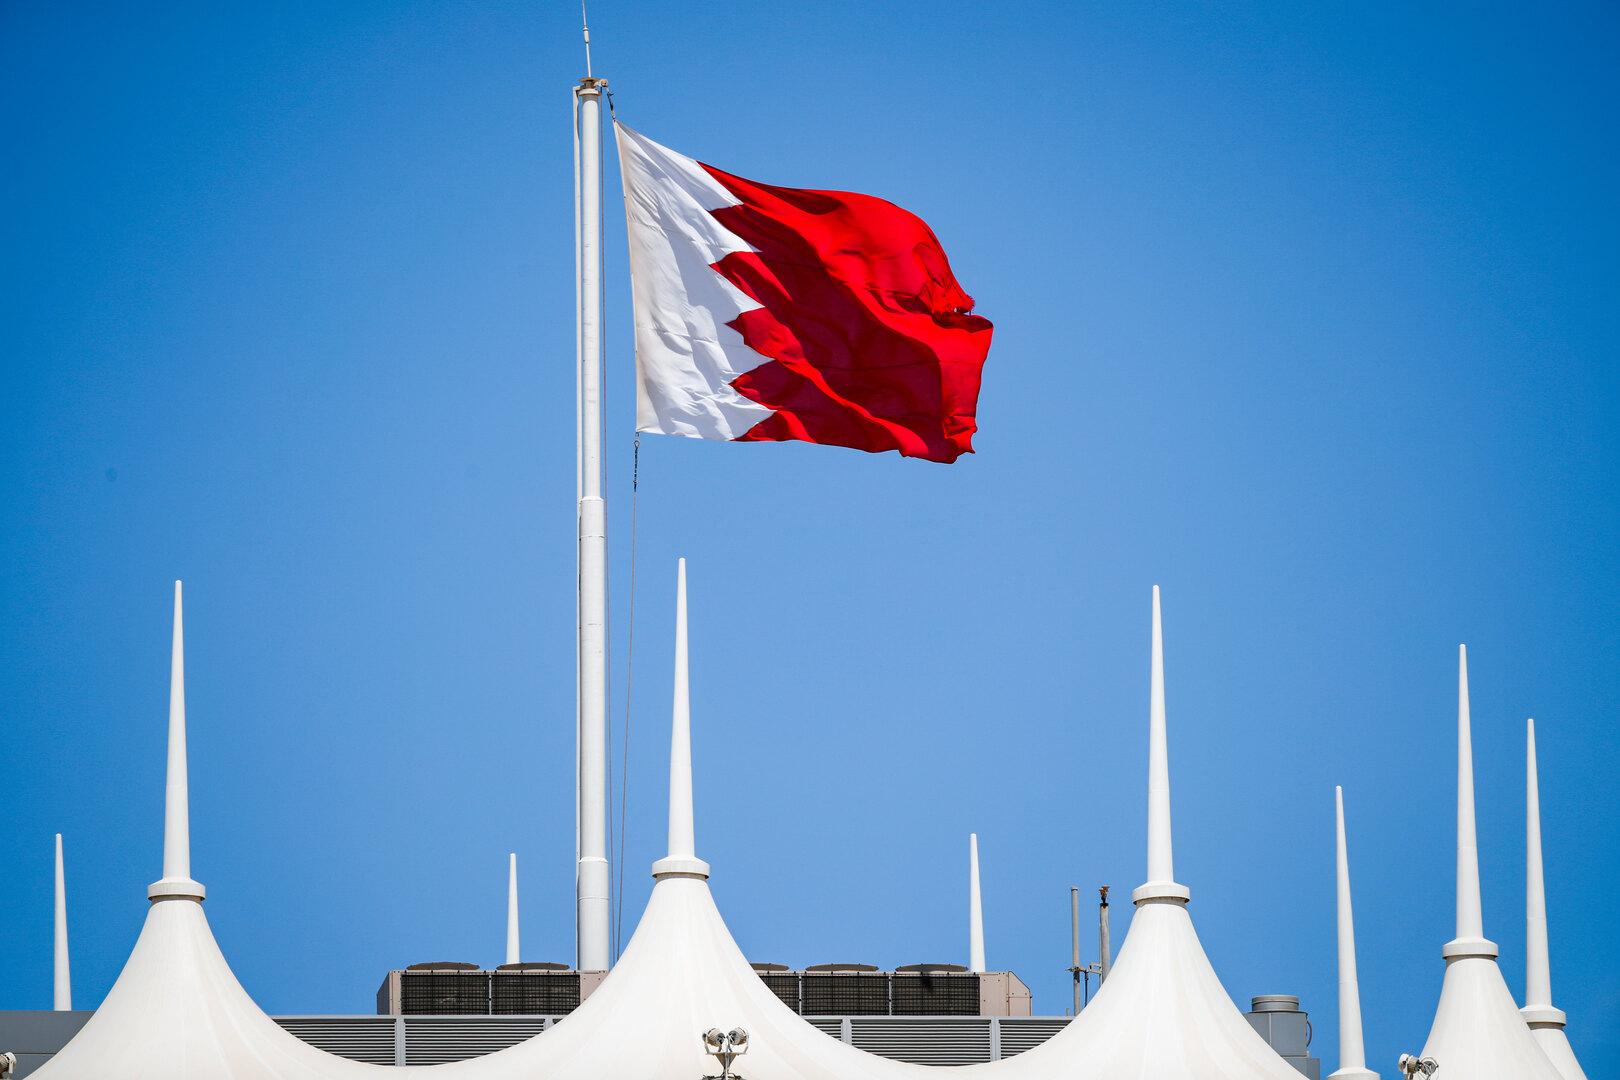 سلطات البحرين تصدر بيانا بشأن اضطرابات سجن جو